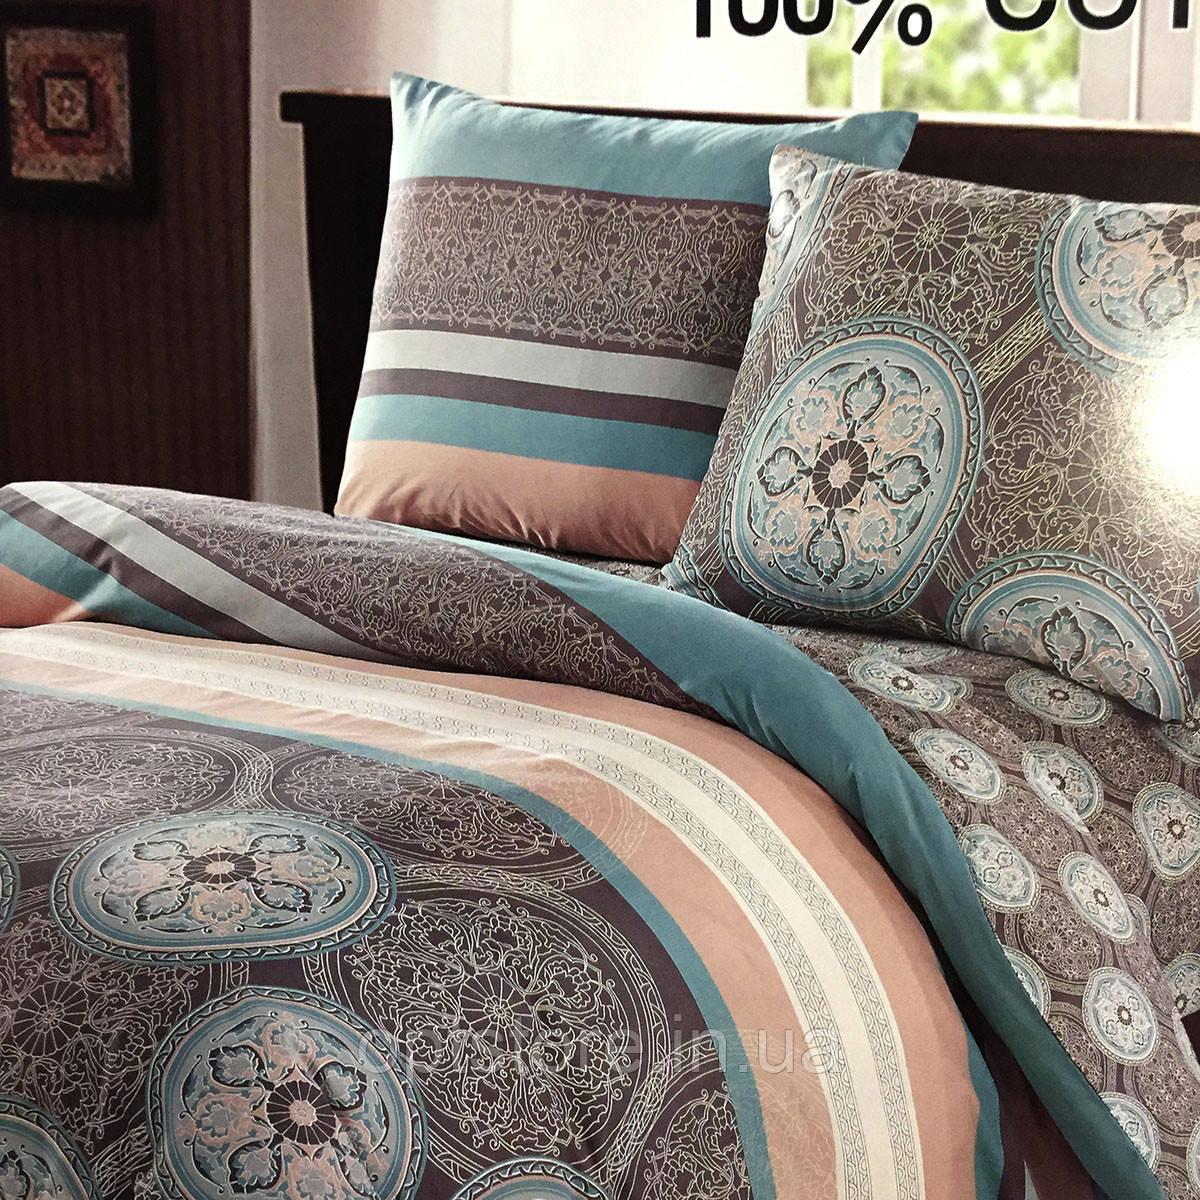 """""""Візерунки"""" Постільна білизна Elway Premium полуторний розмір 160*220 см,тканина сатин 100% бавовна"""